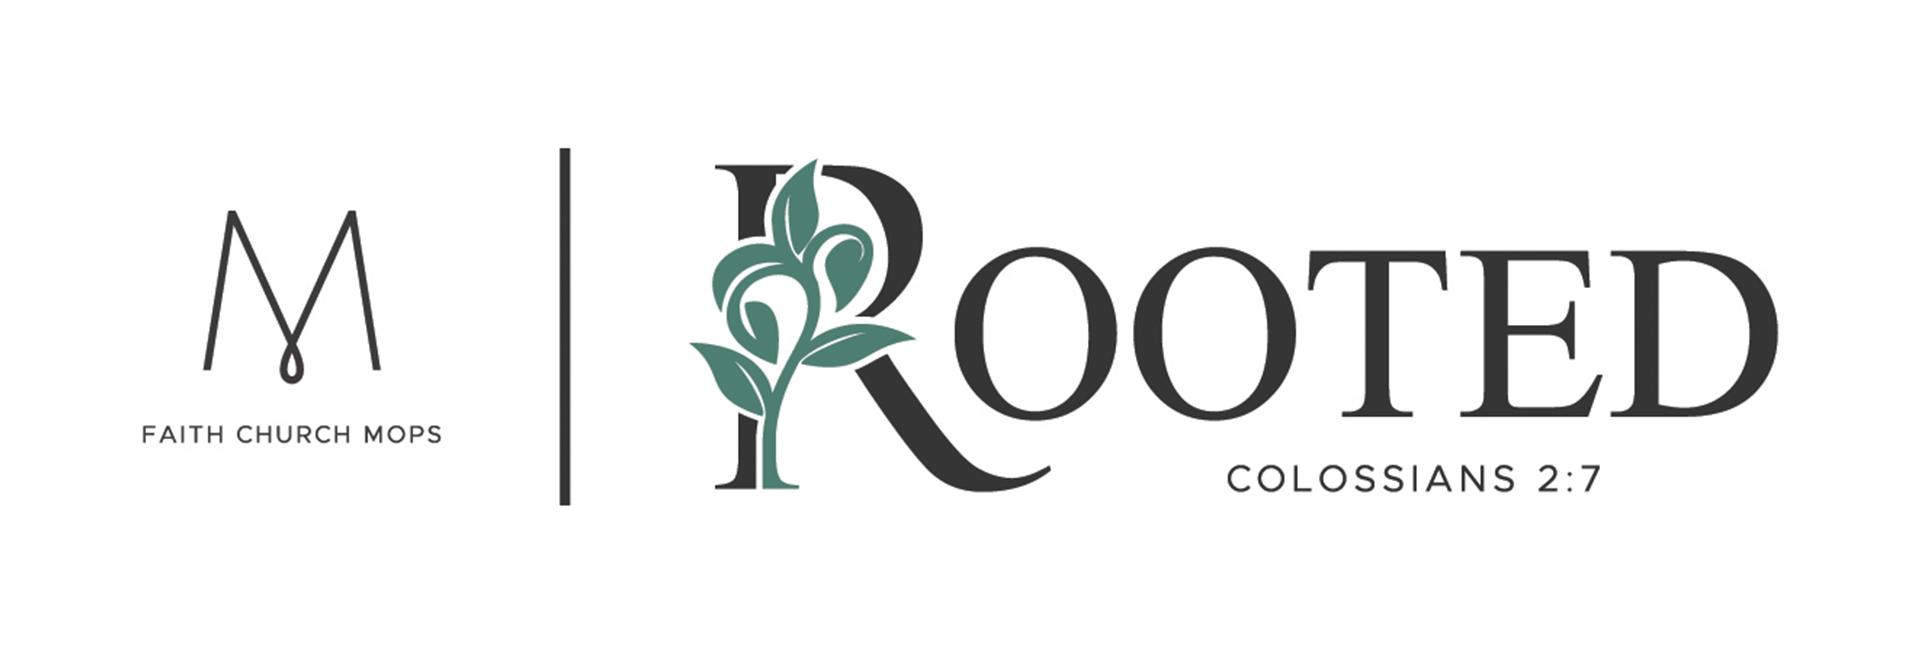 MOPS_RootedLogofull Web